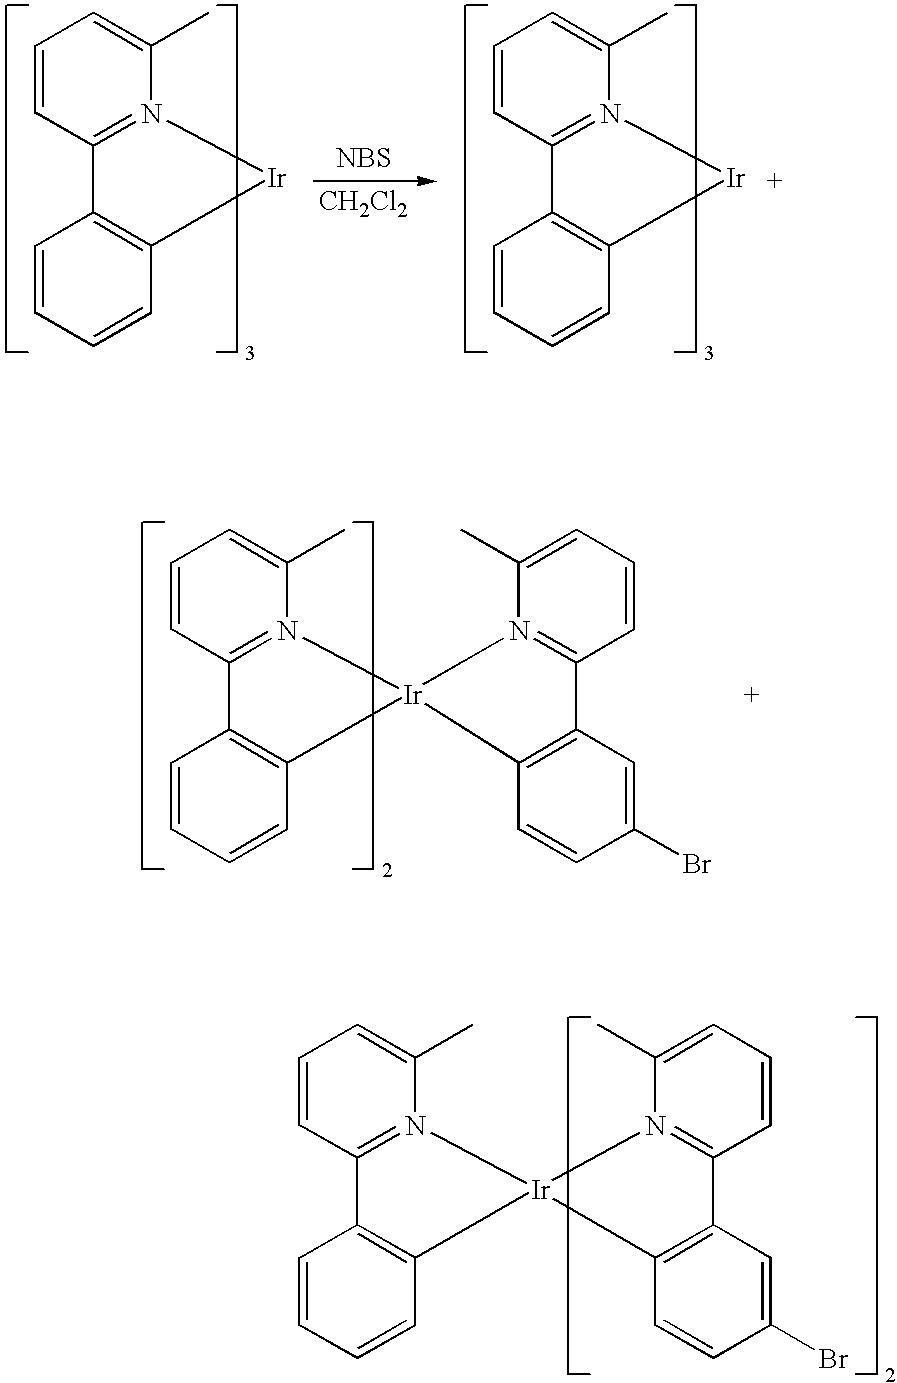 Figure US20090108737A1-20090430-C00091